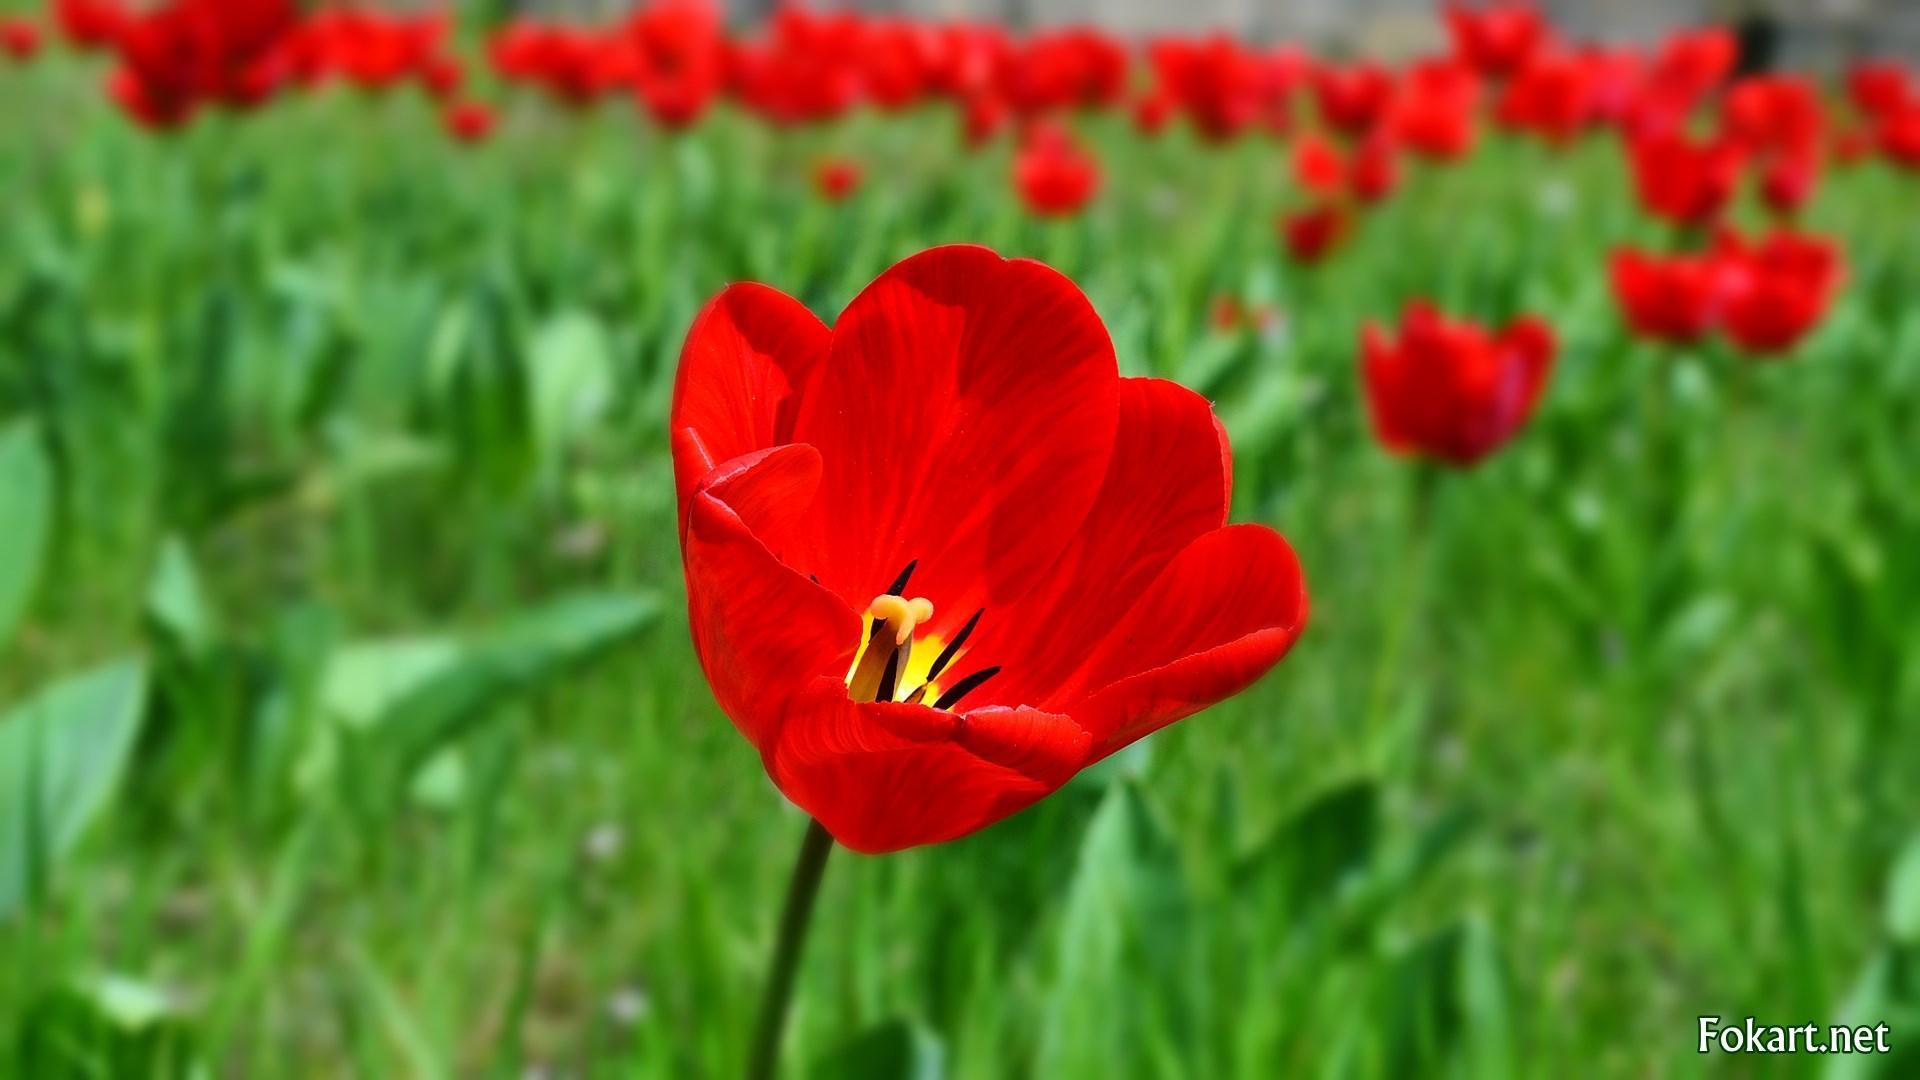 Красный тюльпан в зелени на фоне тюльпанов.